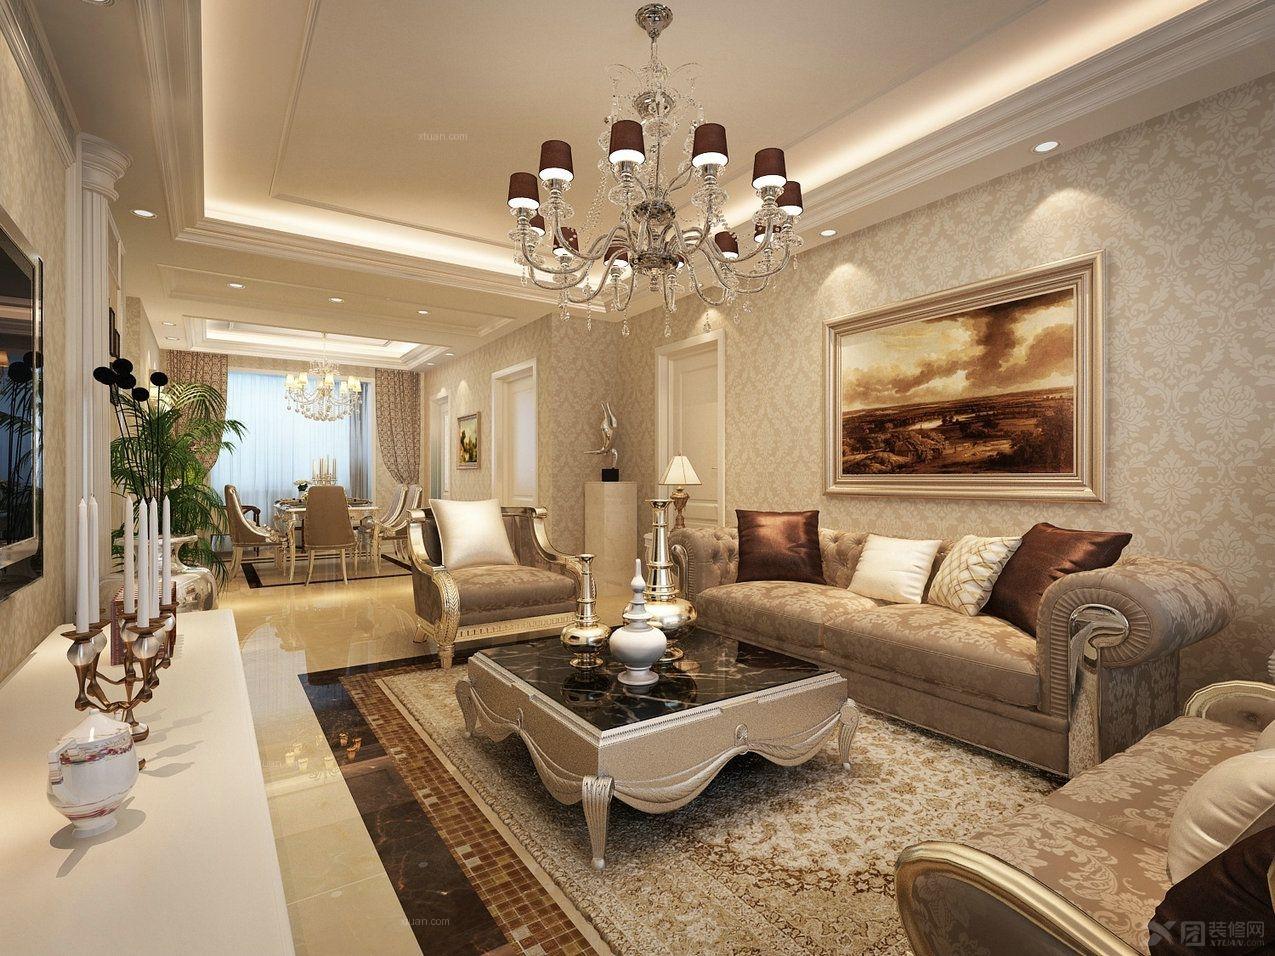 阳光小区三室两厅一卫装修效果图  户型:三室两厅 风格:欧式风格 装修